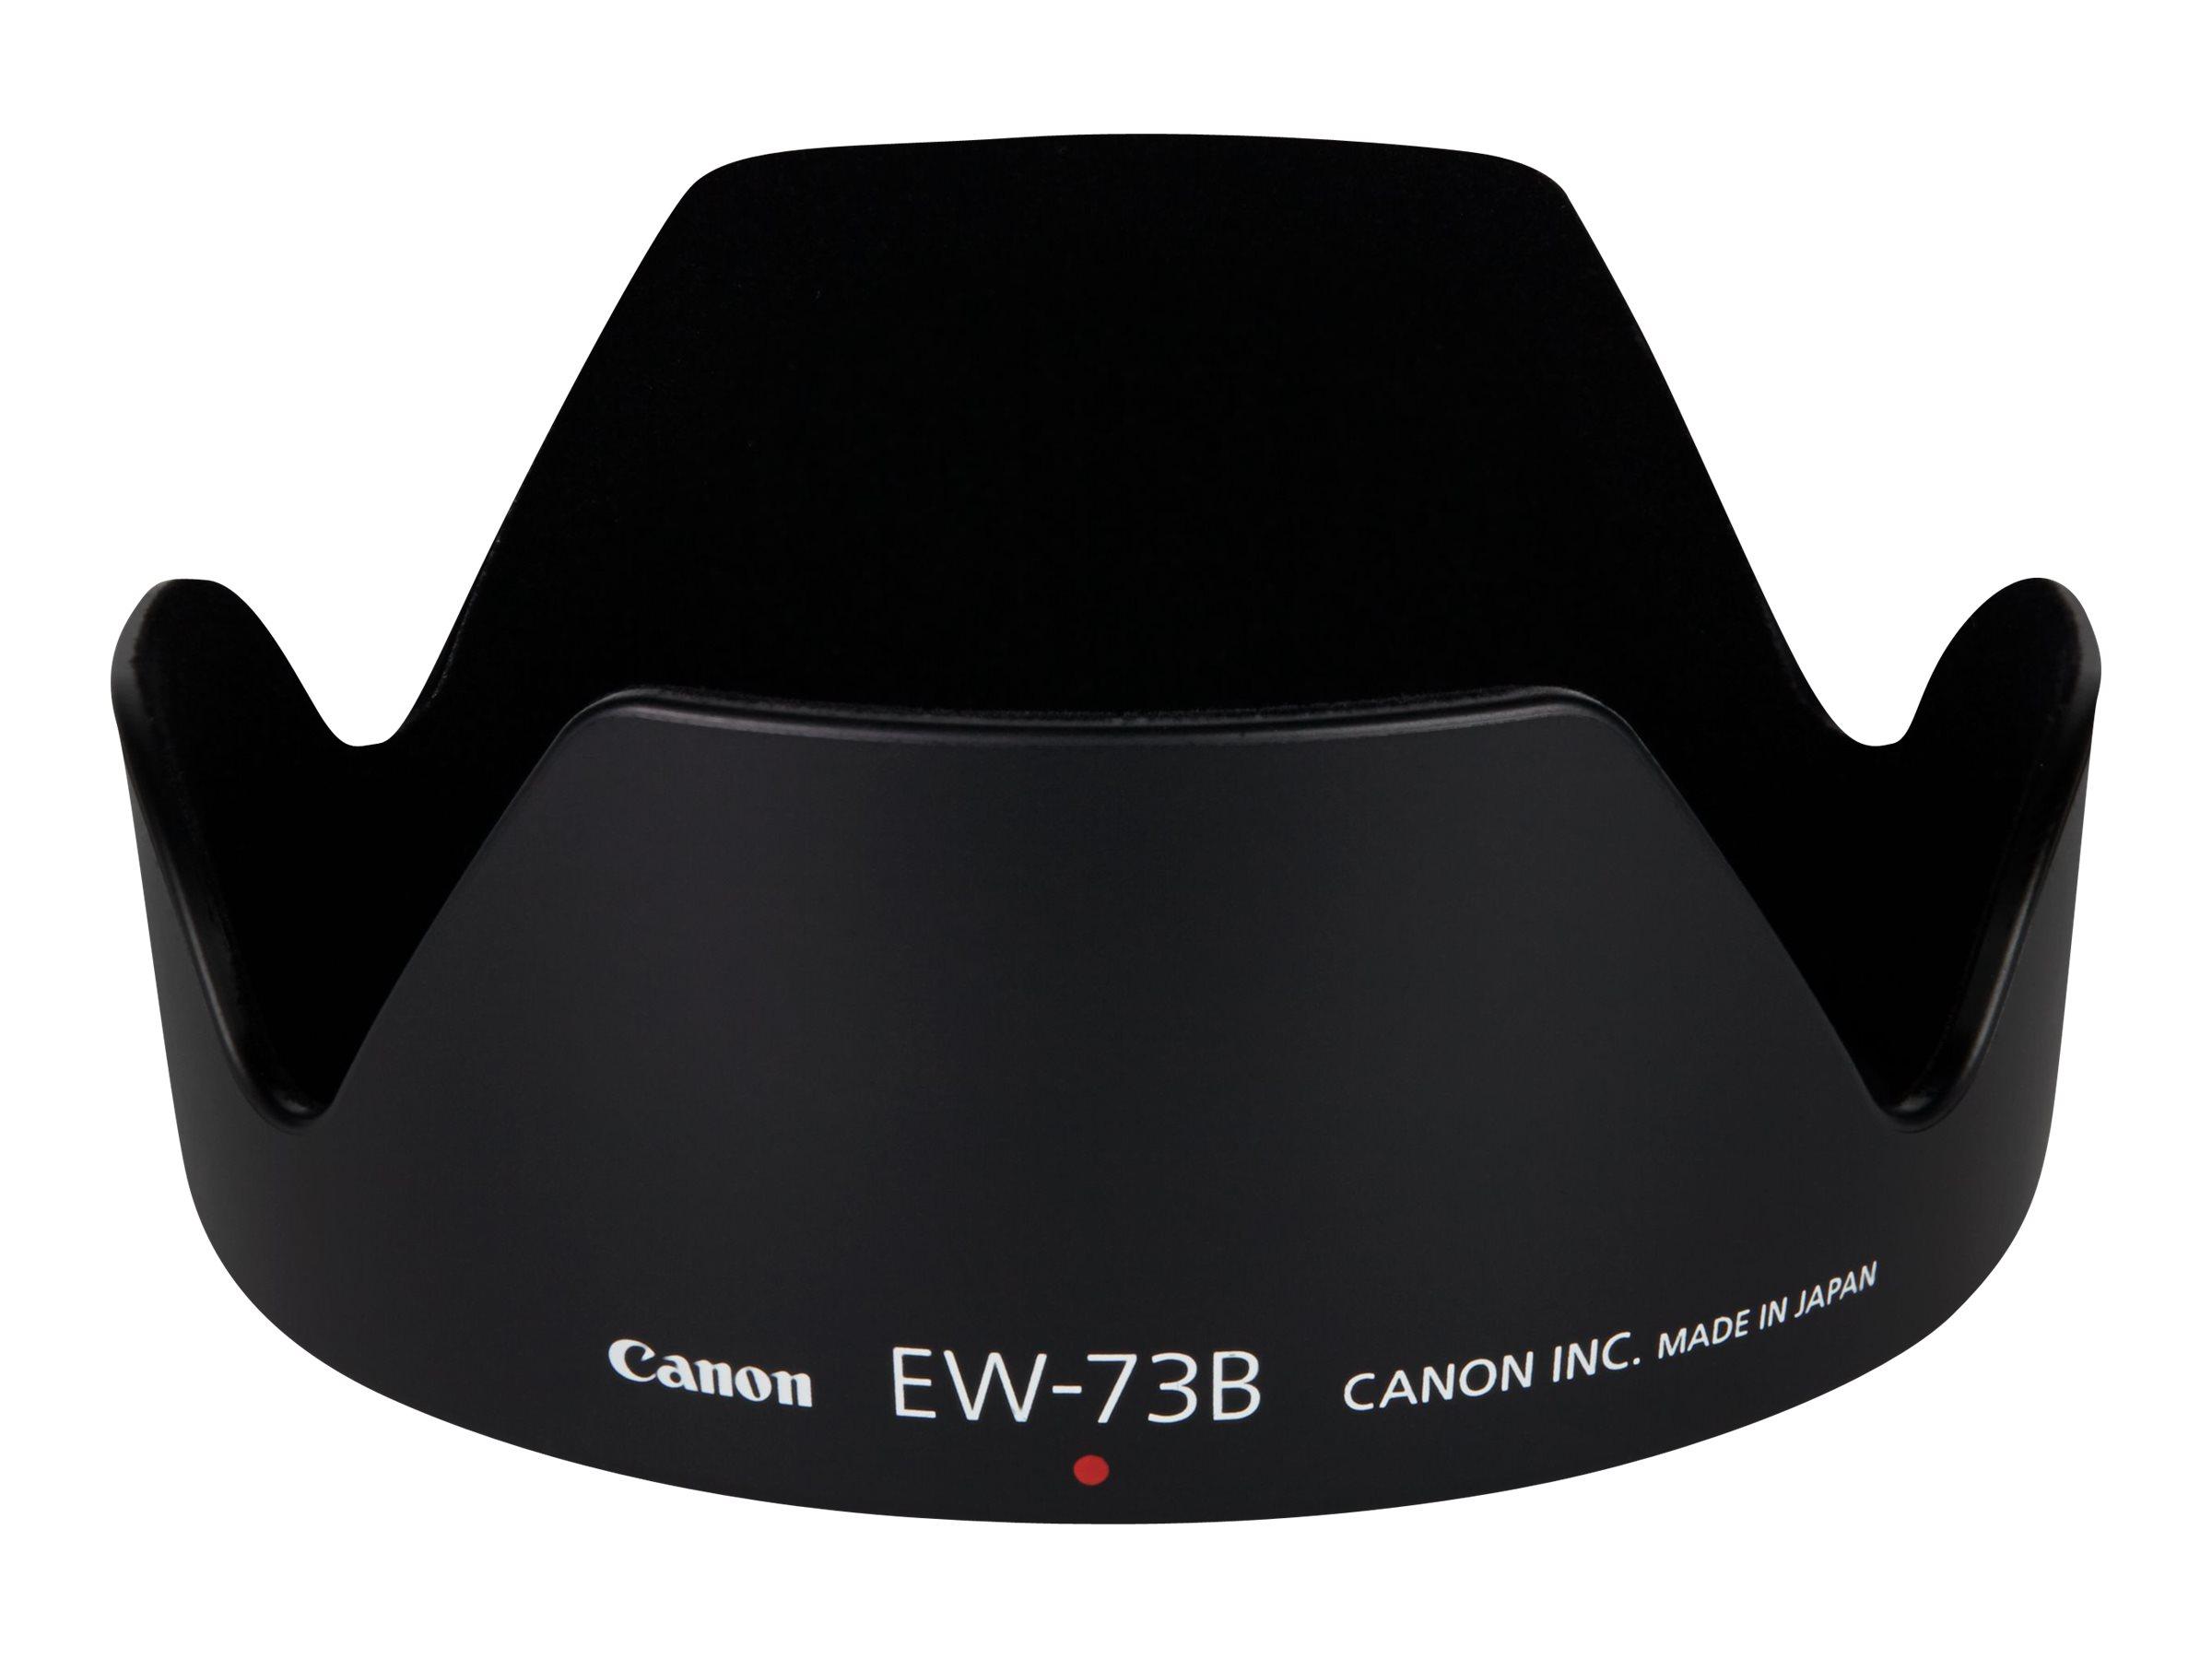 Canon EW-73B - Gegenlichtblende - für P/N: 9517A008BA, 9517A013AA, 9517A015AA, 9517A015CA, 9517A016BA, EFS17-85IS, EFS17-85ISU